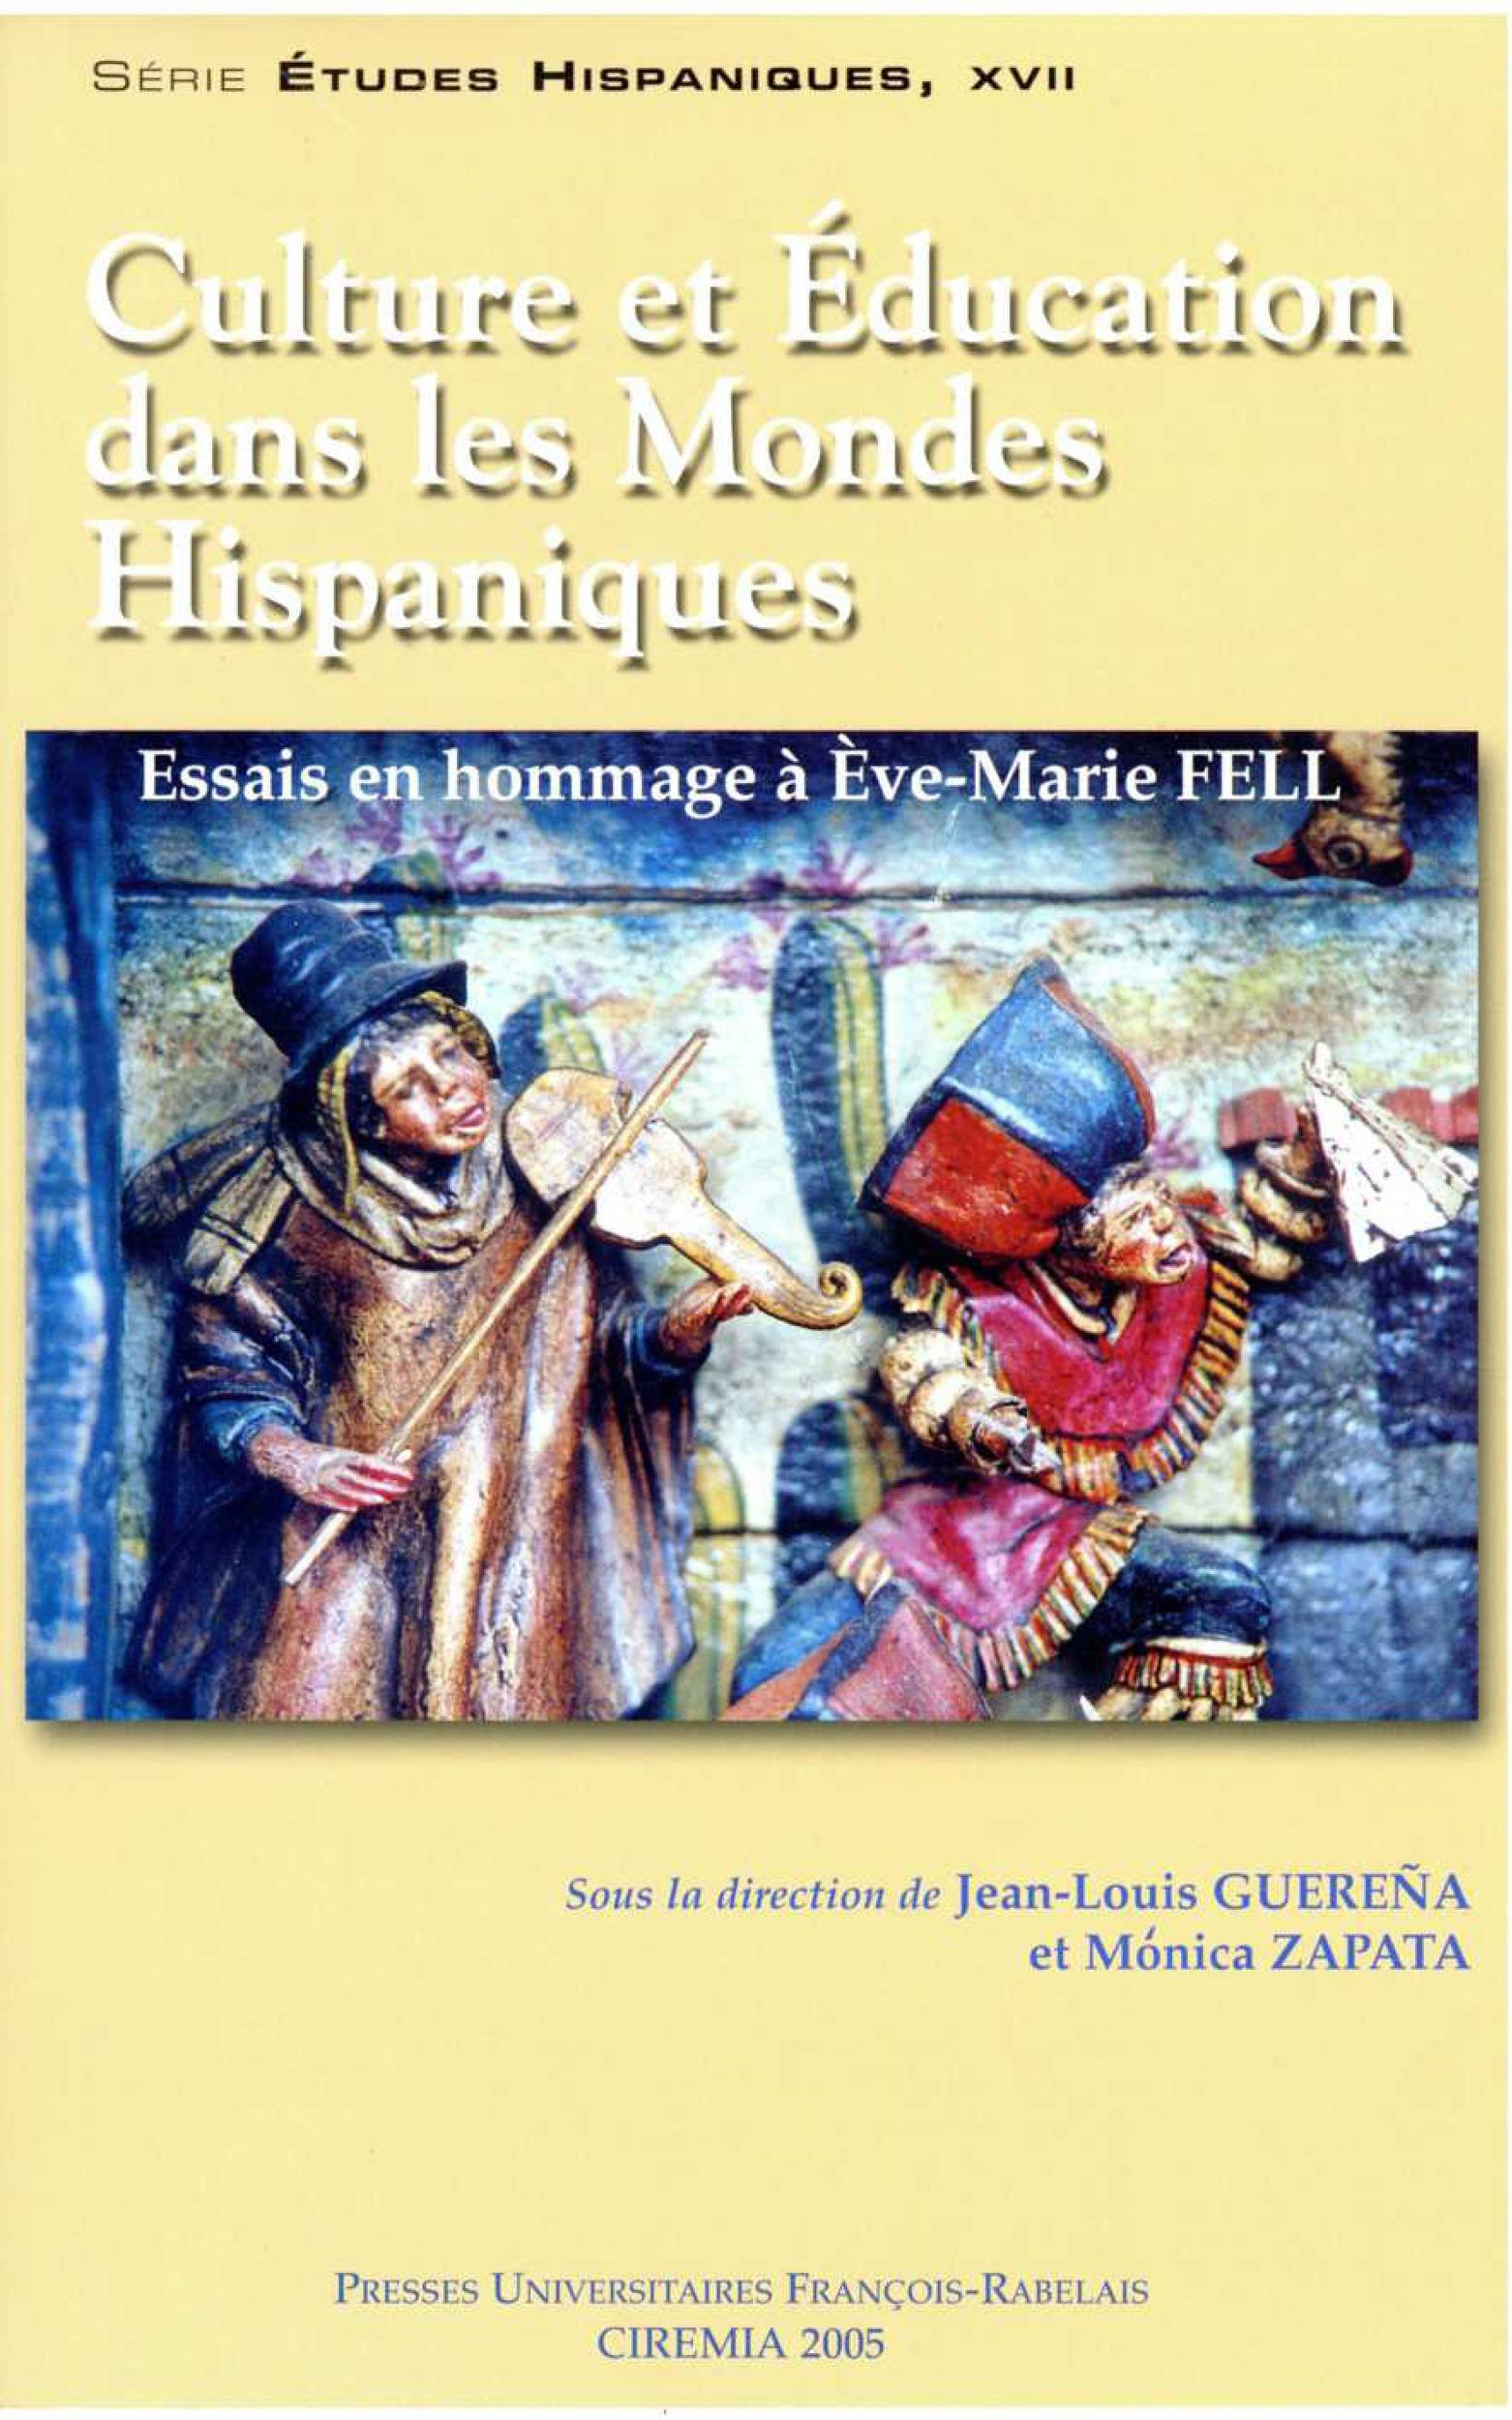 Culture et education dans les mondes hispaniques